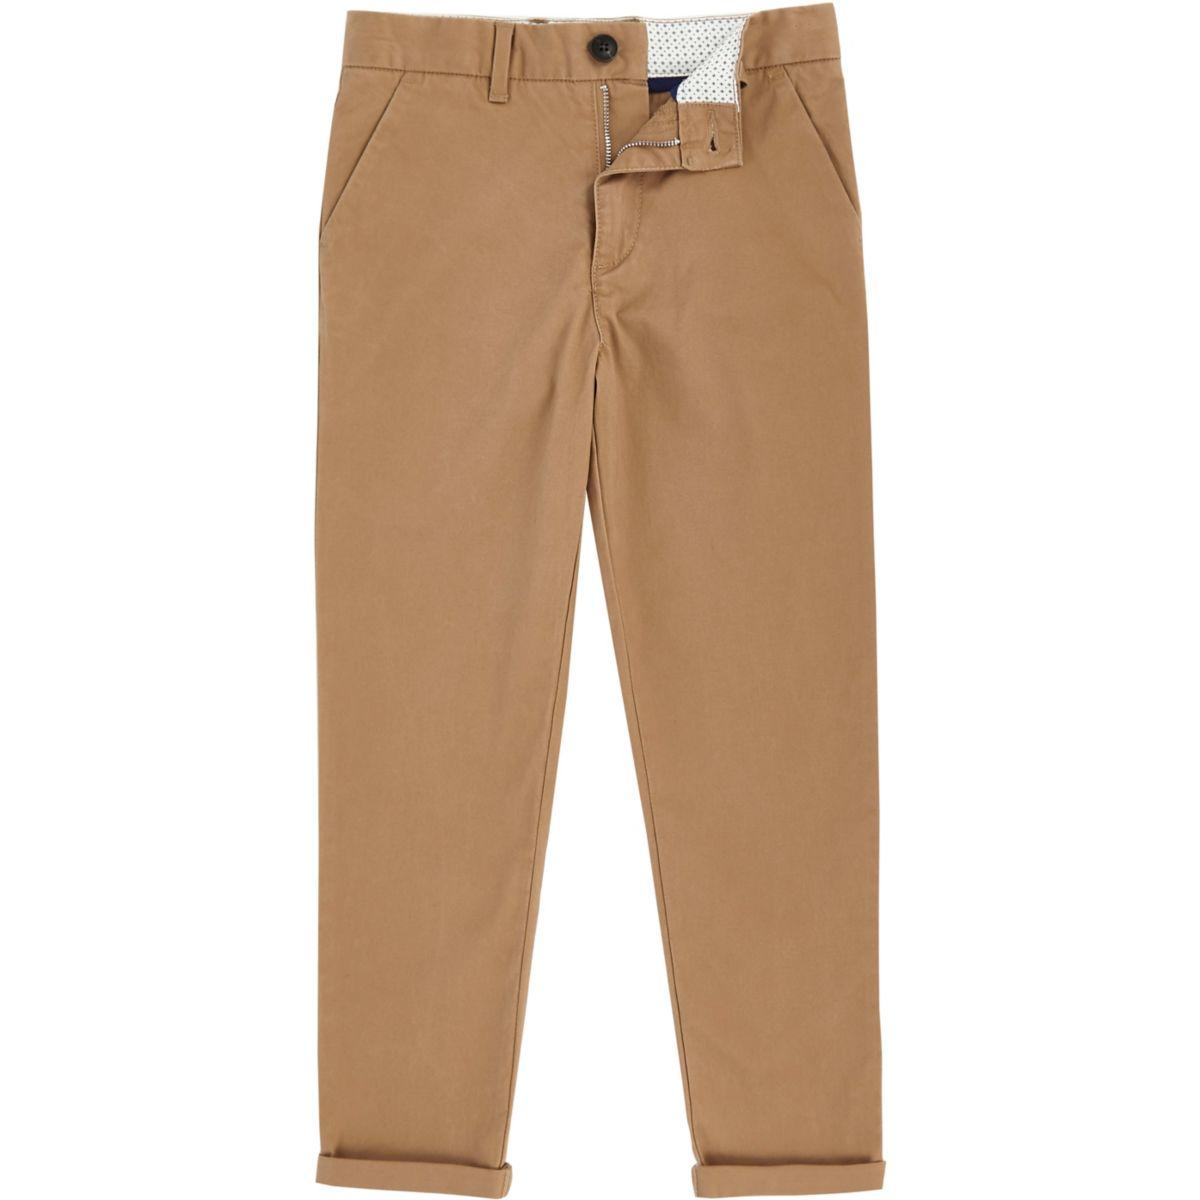 Boys tan slim fit chino pants